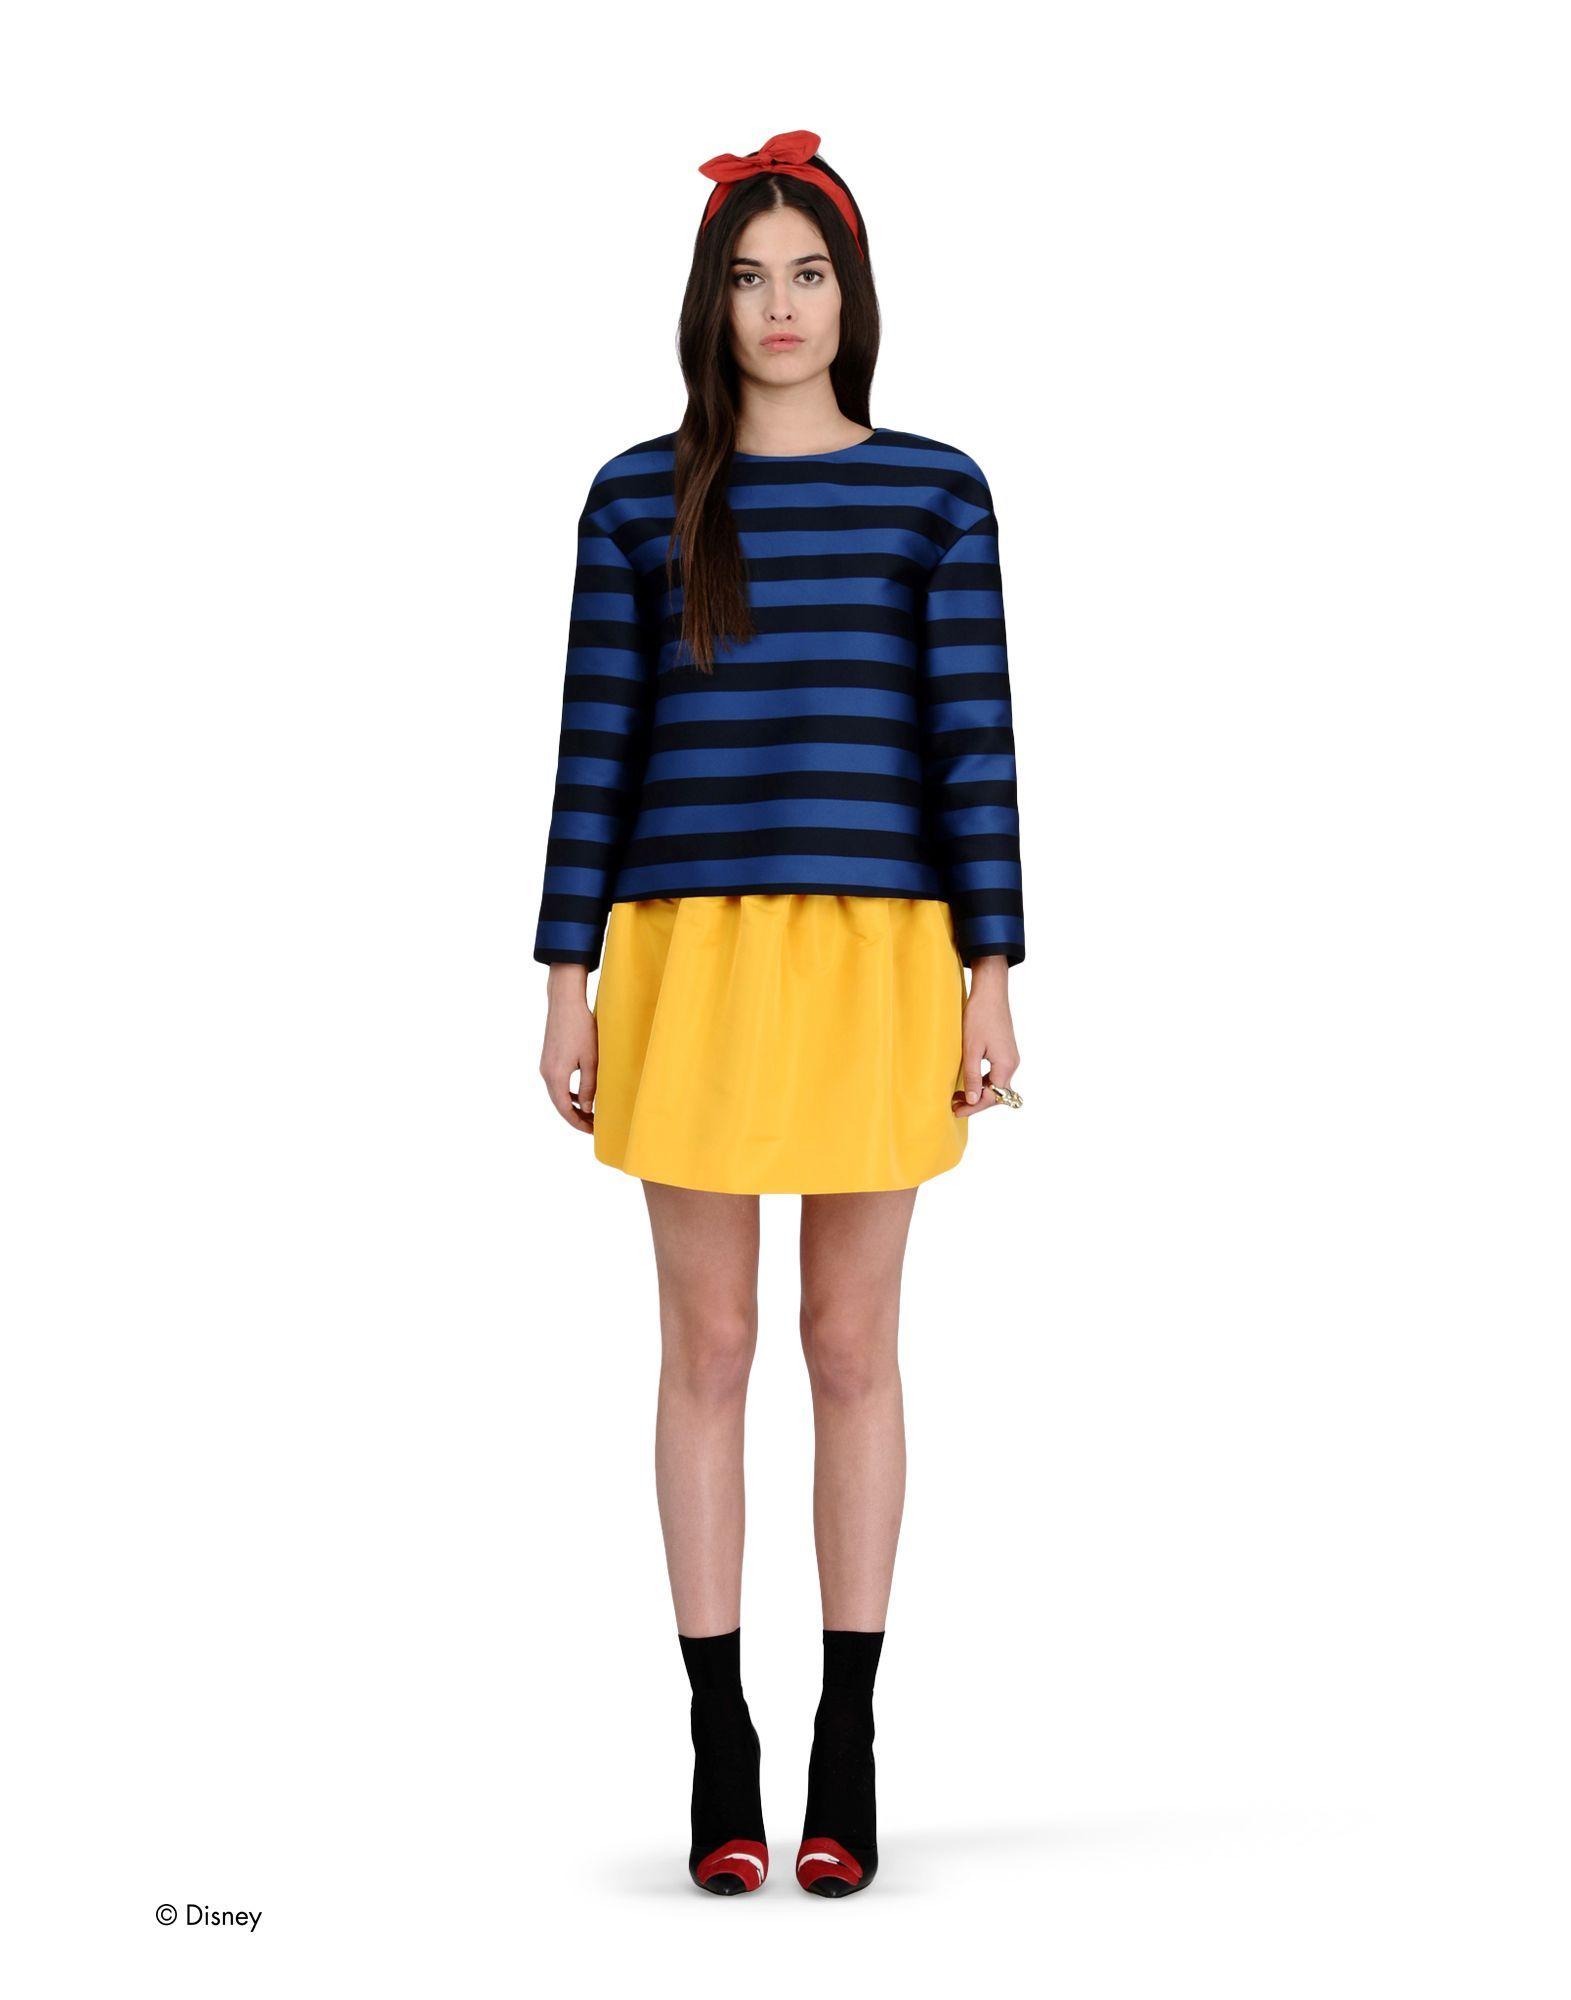 REDValentino - Maglieria, camicie e top Donna - Camicie e top Donna su Valentino Online Boutique